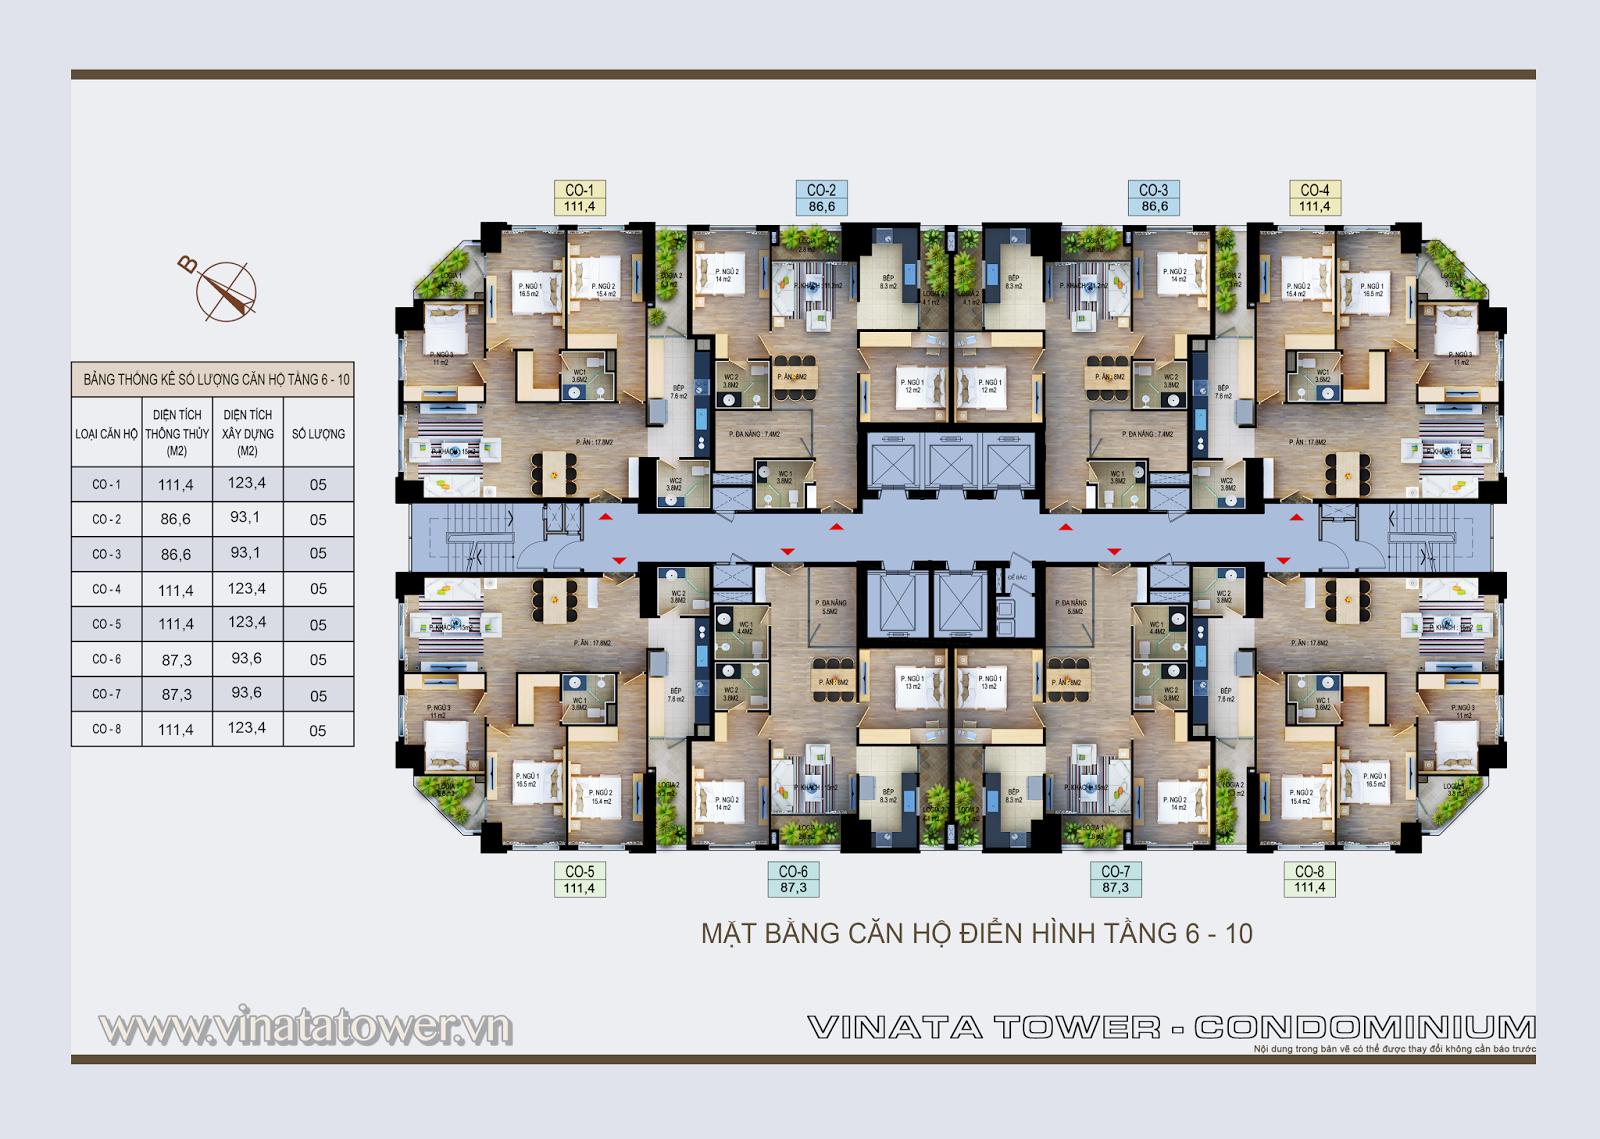 Mặt bằng điển hình tầng 6 - 10 của dự án Vinata